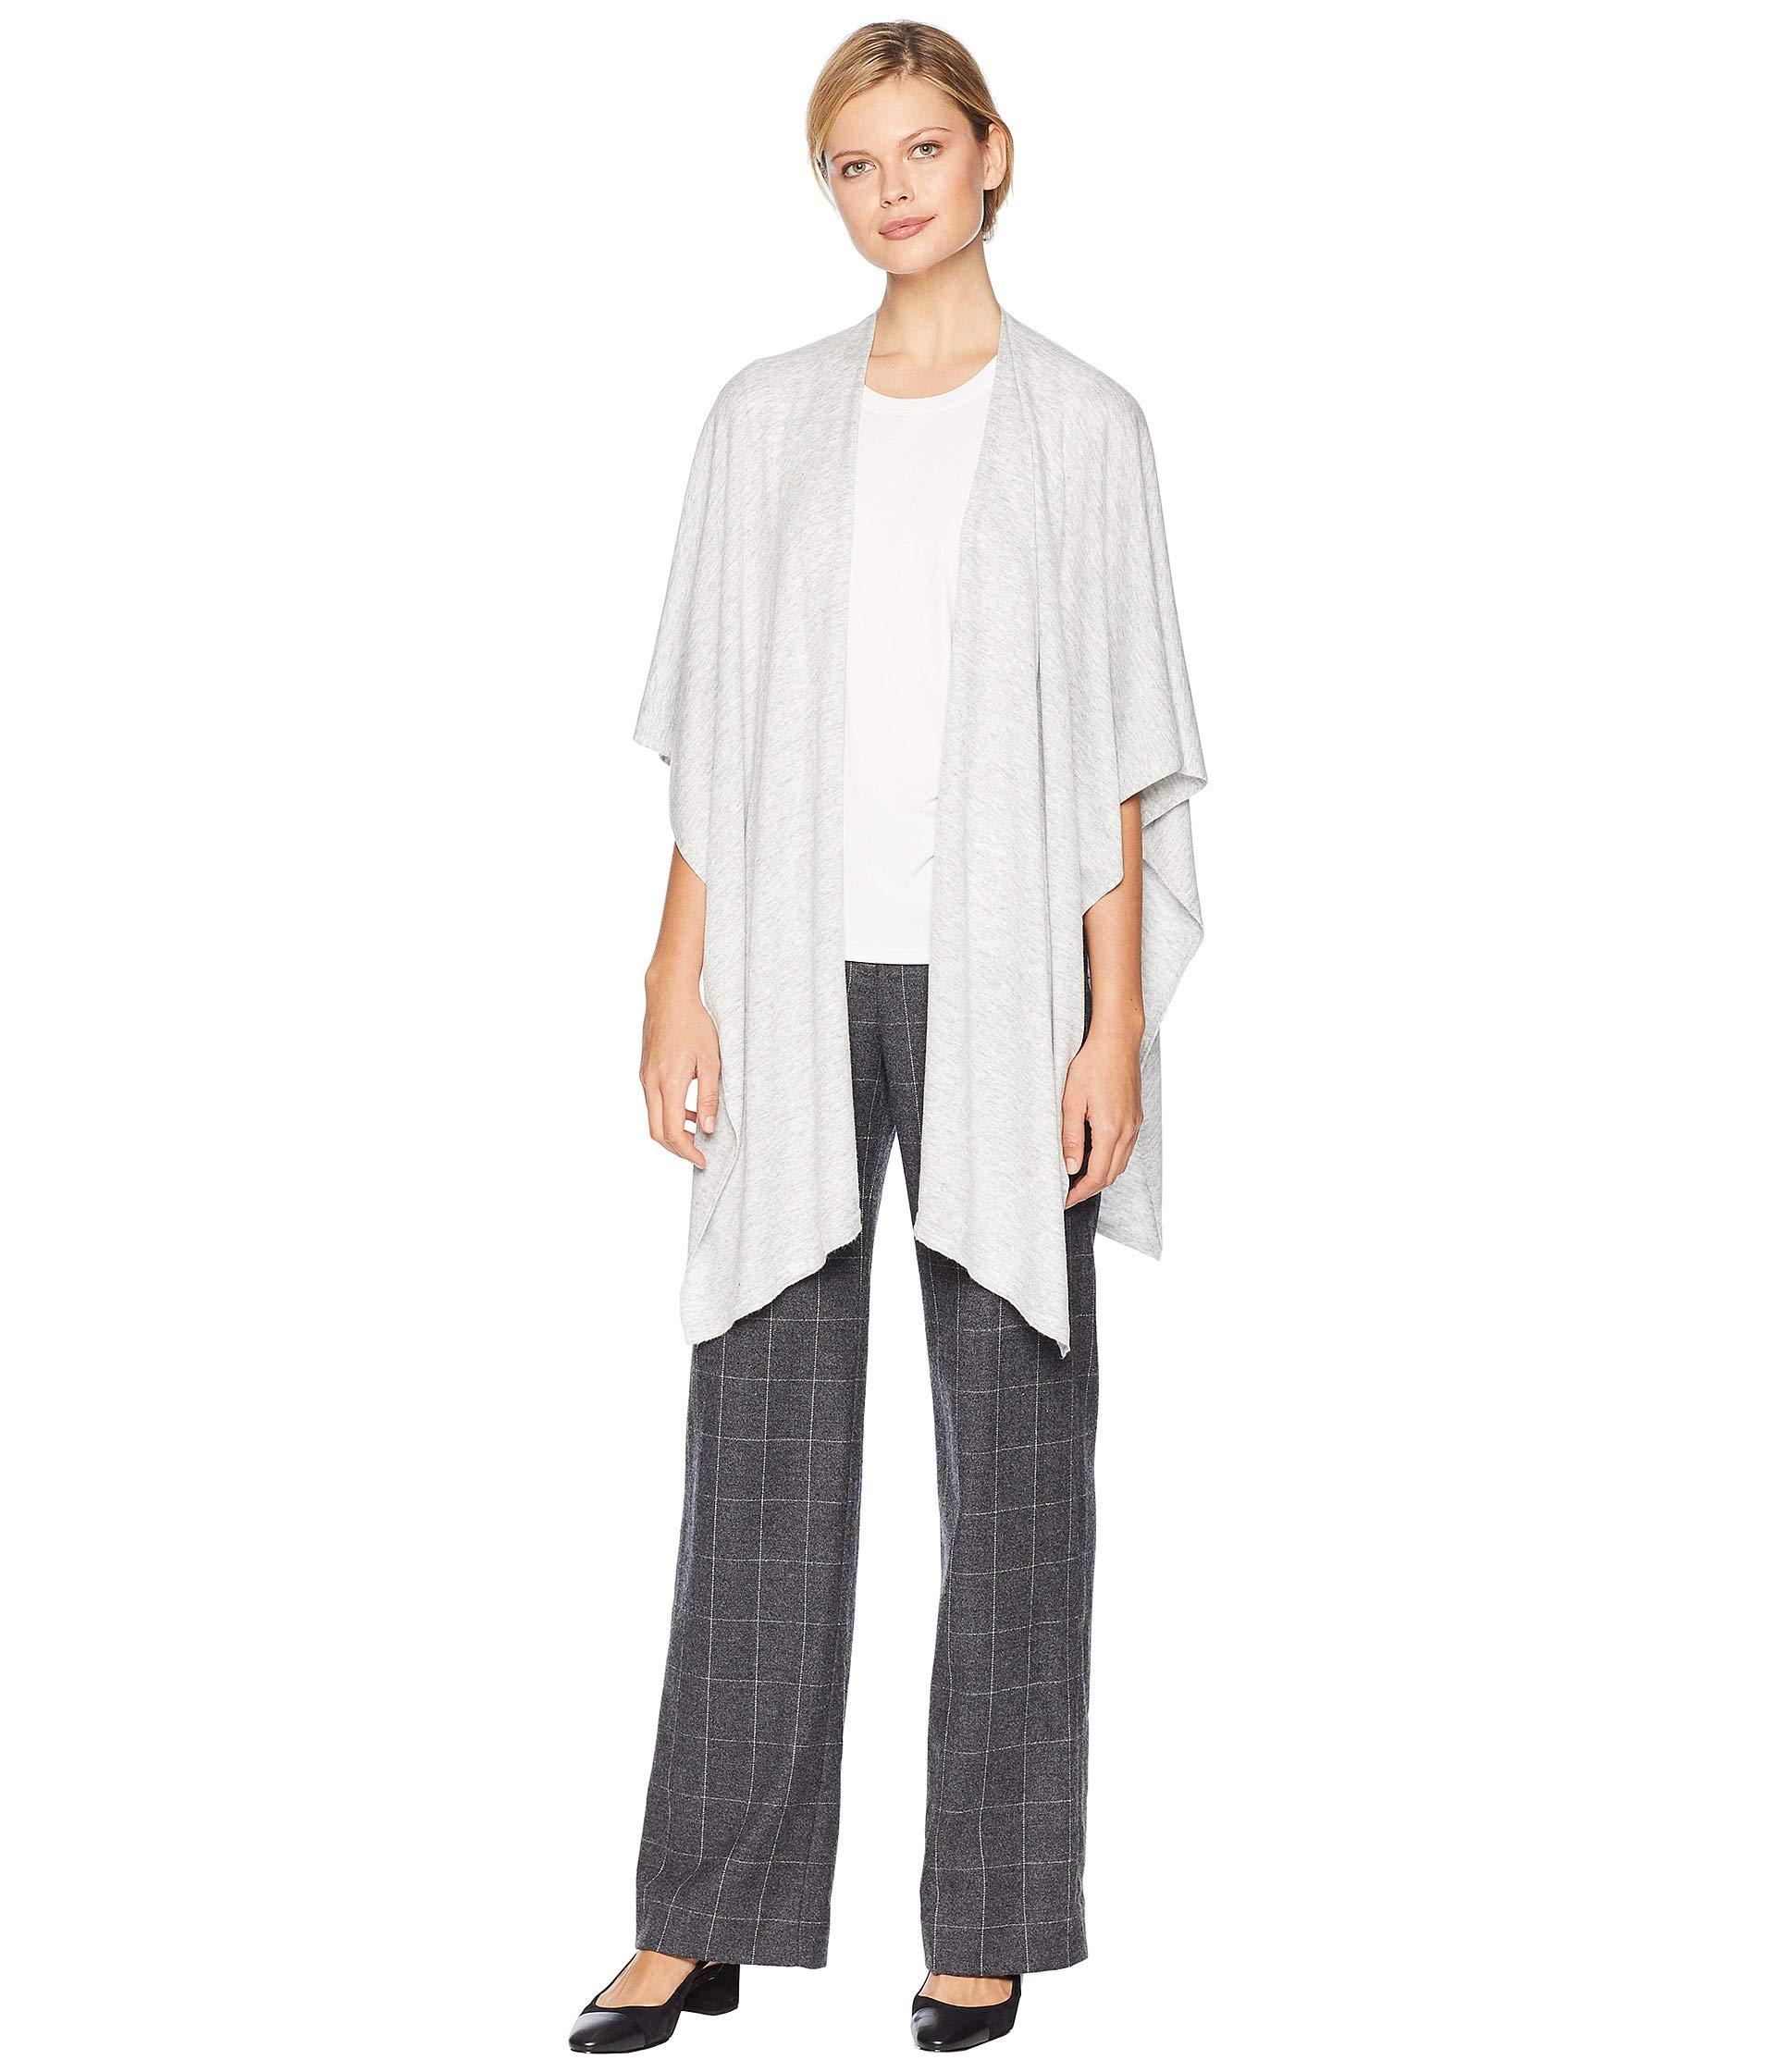 Echo Women's Everyday Ruana Wrap, Silver, One Size